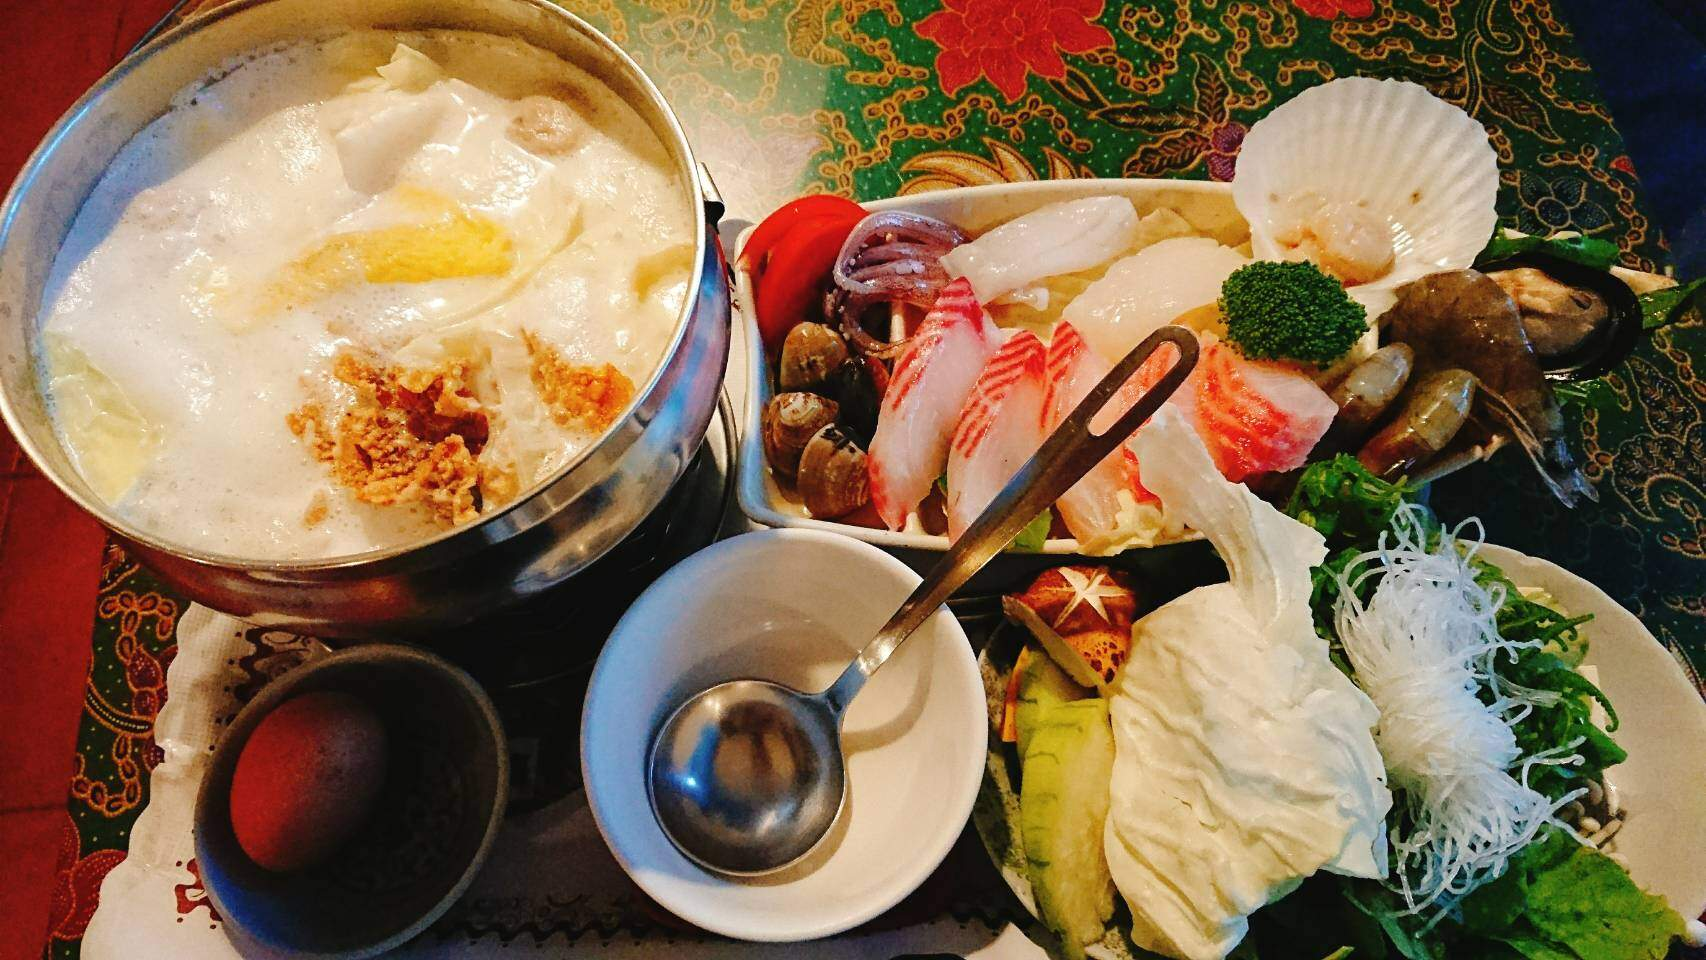 【花蓮瑞穗】綠精靈|濃郁香甜的美味牛奶鍋